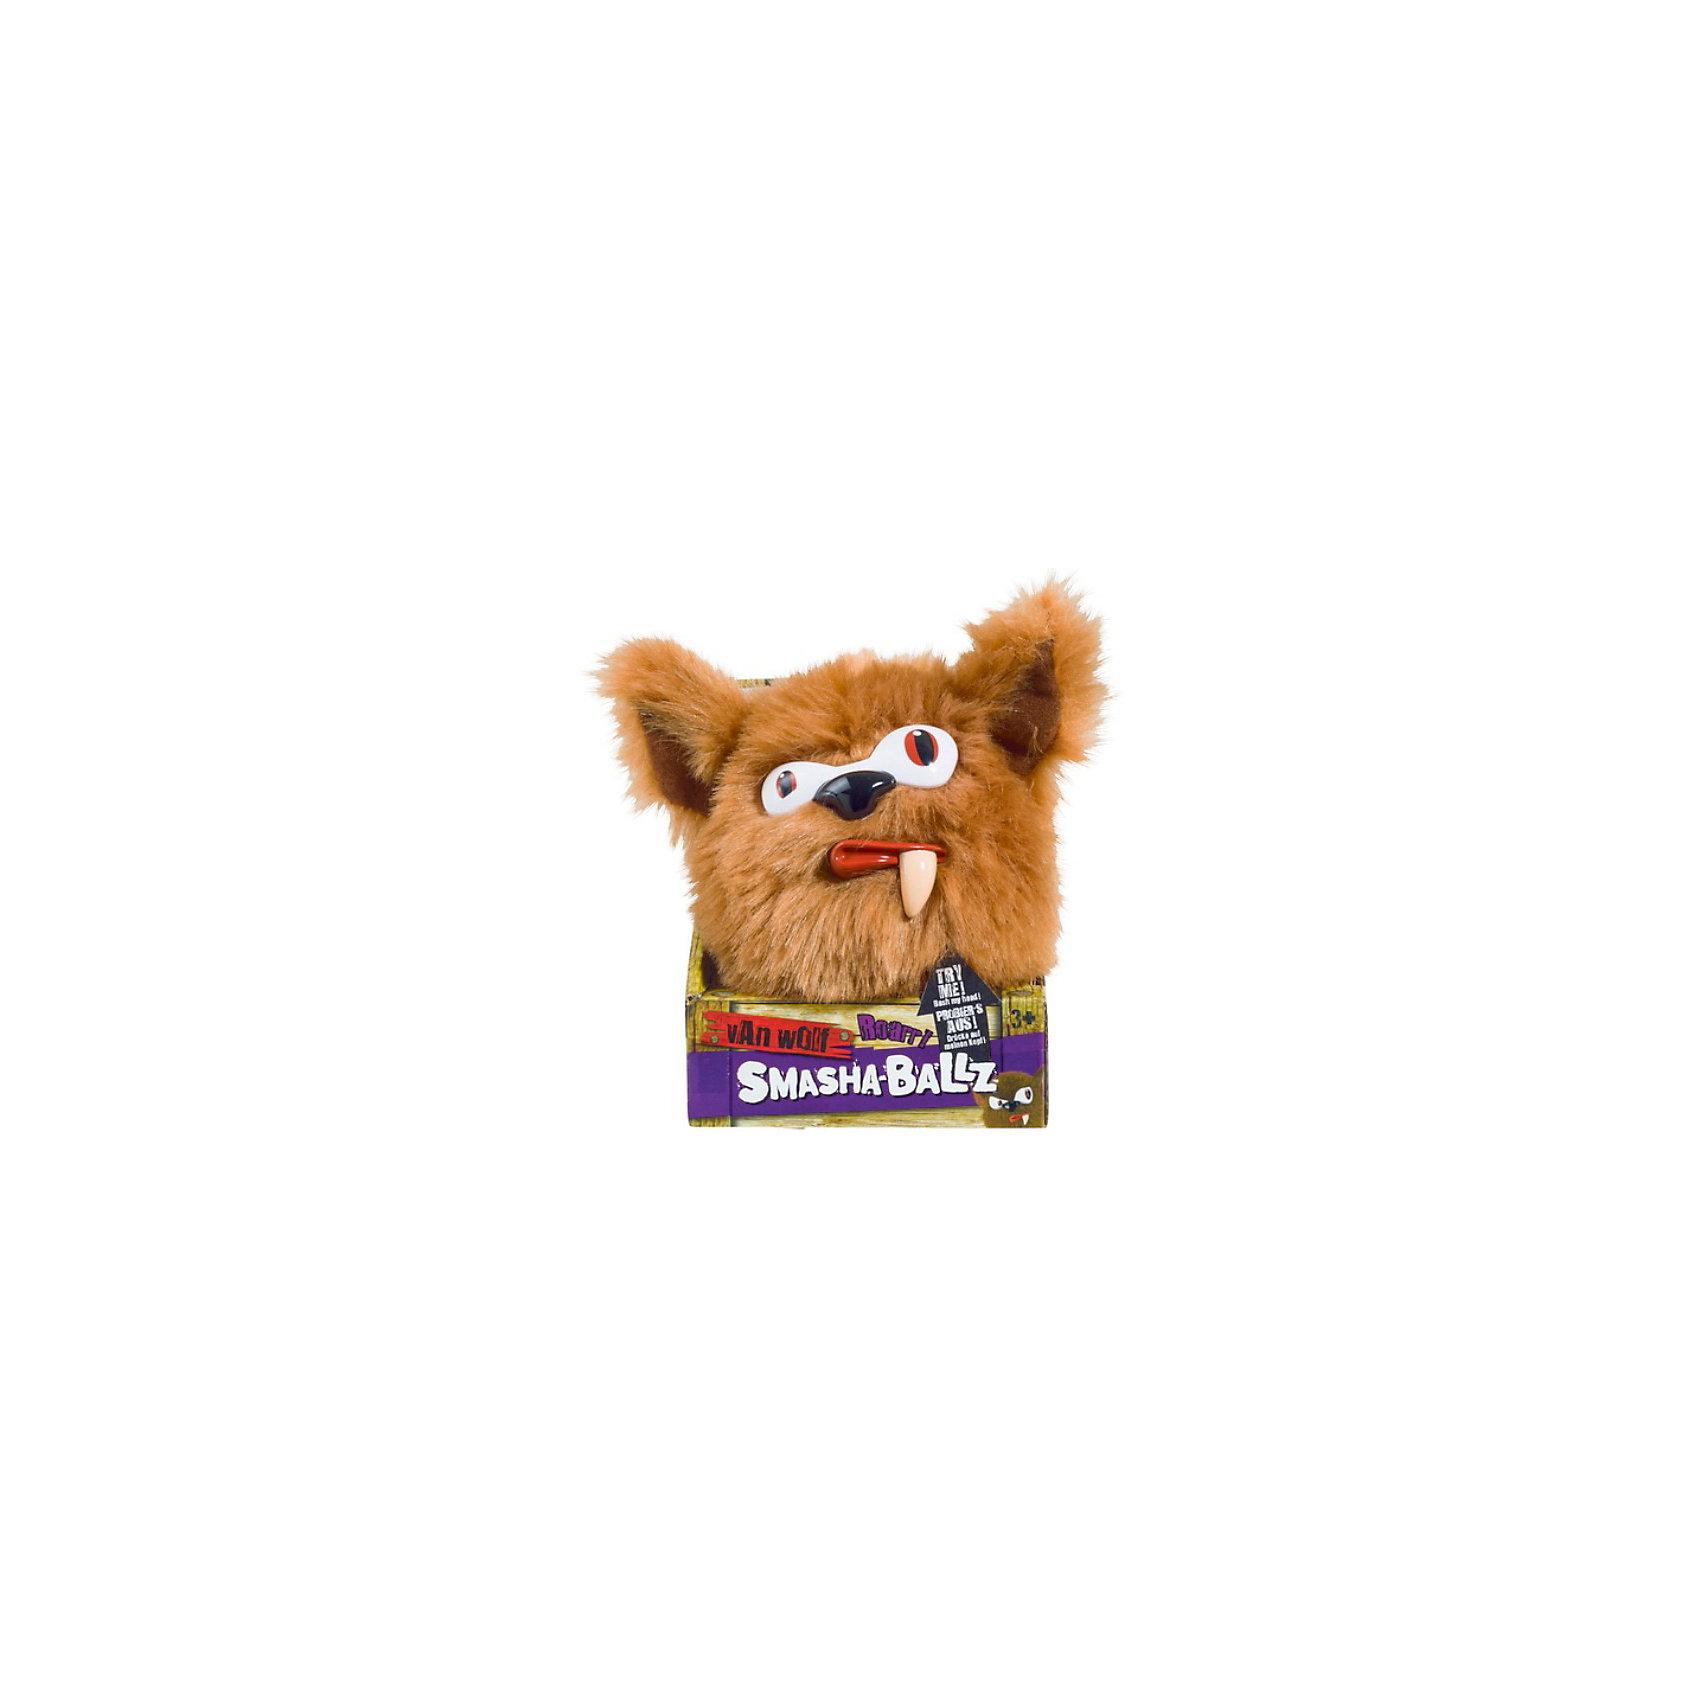 Мини-лохматыш ВервольфМини-лохматыш Вервольф от компании Vivid из серии необычных игрушек – лохматиков, Это забавные и необычные фантастические существа, прыгучие и веселые которые доставят много радости и детям и взрослым.<br><br>Несмотря на свой грозный и устрашающий вид, монстрик необычайно забавный и милый. Его можно пинать, швырять и мять, а он при этом он будет издавать забавные звуки, которые обязательно понравятся вашему ребенку. С этим обаятельным пушистым монстриком детям никогда не будет скучно!<br><br>Дополнительная информация:<br><br>- Материал: искусственный мех, пластмасса.<br>- Требуются батарейки: 3 батарейки AAA  (входят в комплект).<br>- Размер игрушки: 11 х 11 х 9 см. <br>- Размер упаковки: 11 х 11 х 13 см.<br>- Вес: : 0.2 кг. <br>    <br>Мини-лохматыша Вервольфа от Vivid можно купить в нашем интернет-магазине.<br><br>Ширина мм: 110<br>Глубина мм: 110<br>Высота мм: 130<br>Вес г: 200<br>Возраст от месяцев: 36<br>Возраст до месяцев: 144<br>Пол: Унисекс<br>Возраст: Детский<br>SKU: 3174994